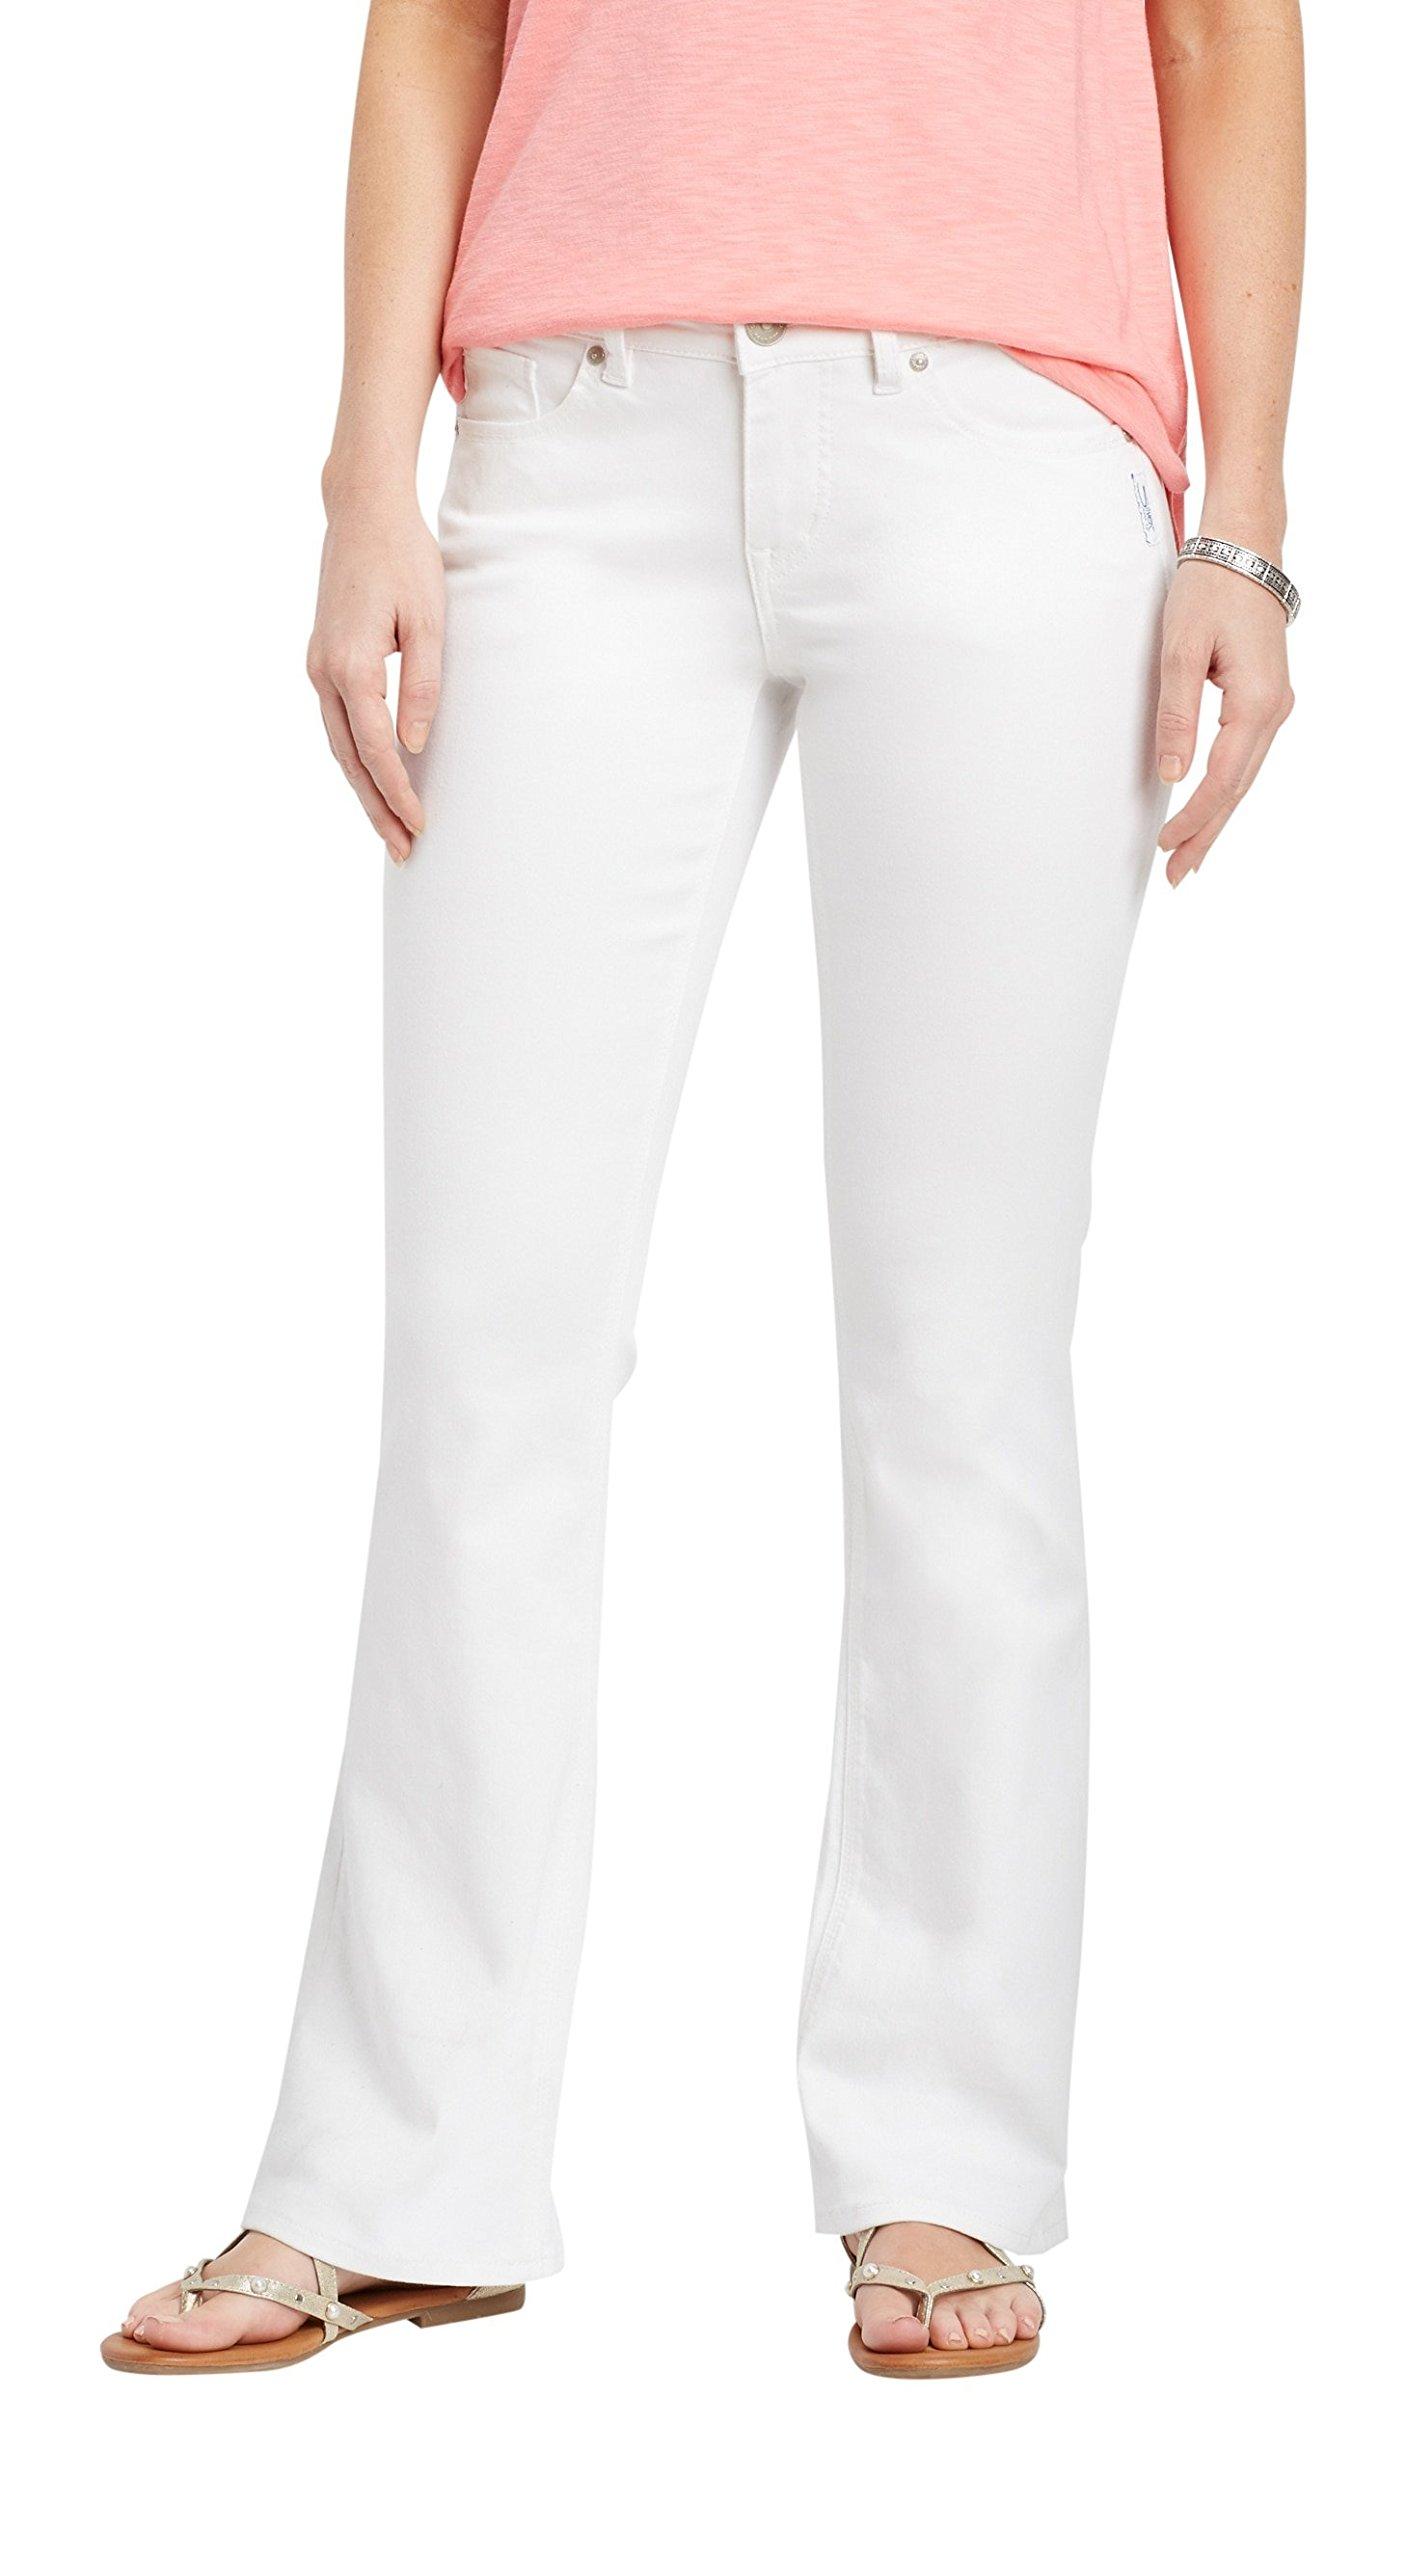 Silver Jeans Co. Women's Suki White Boot Cut Jean 33W White